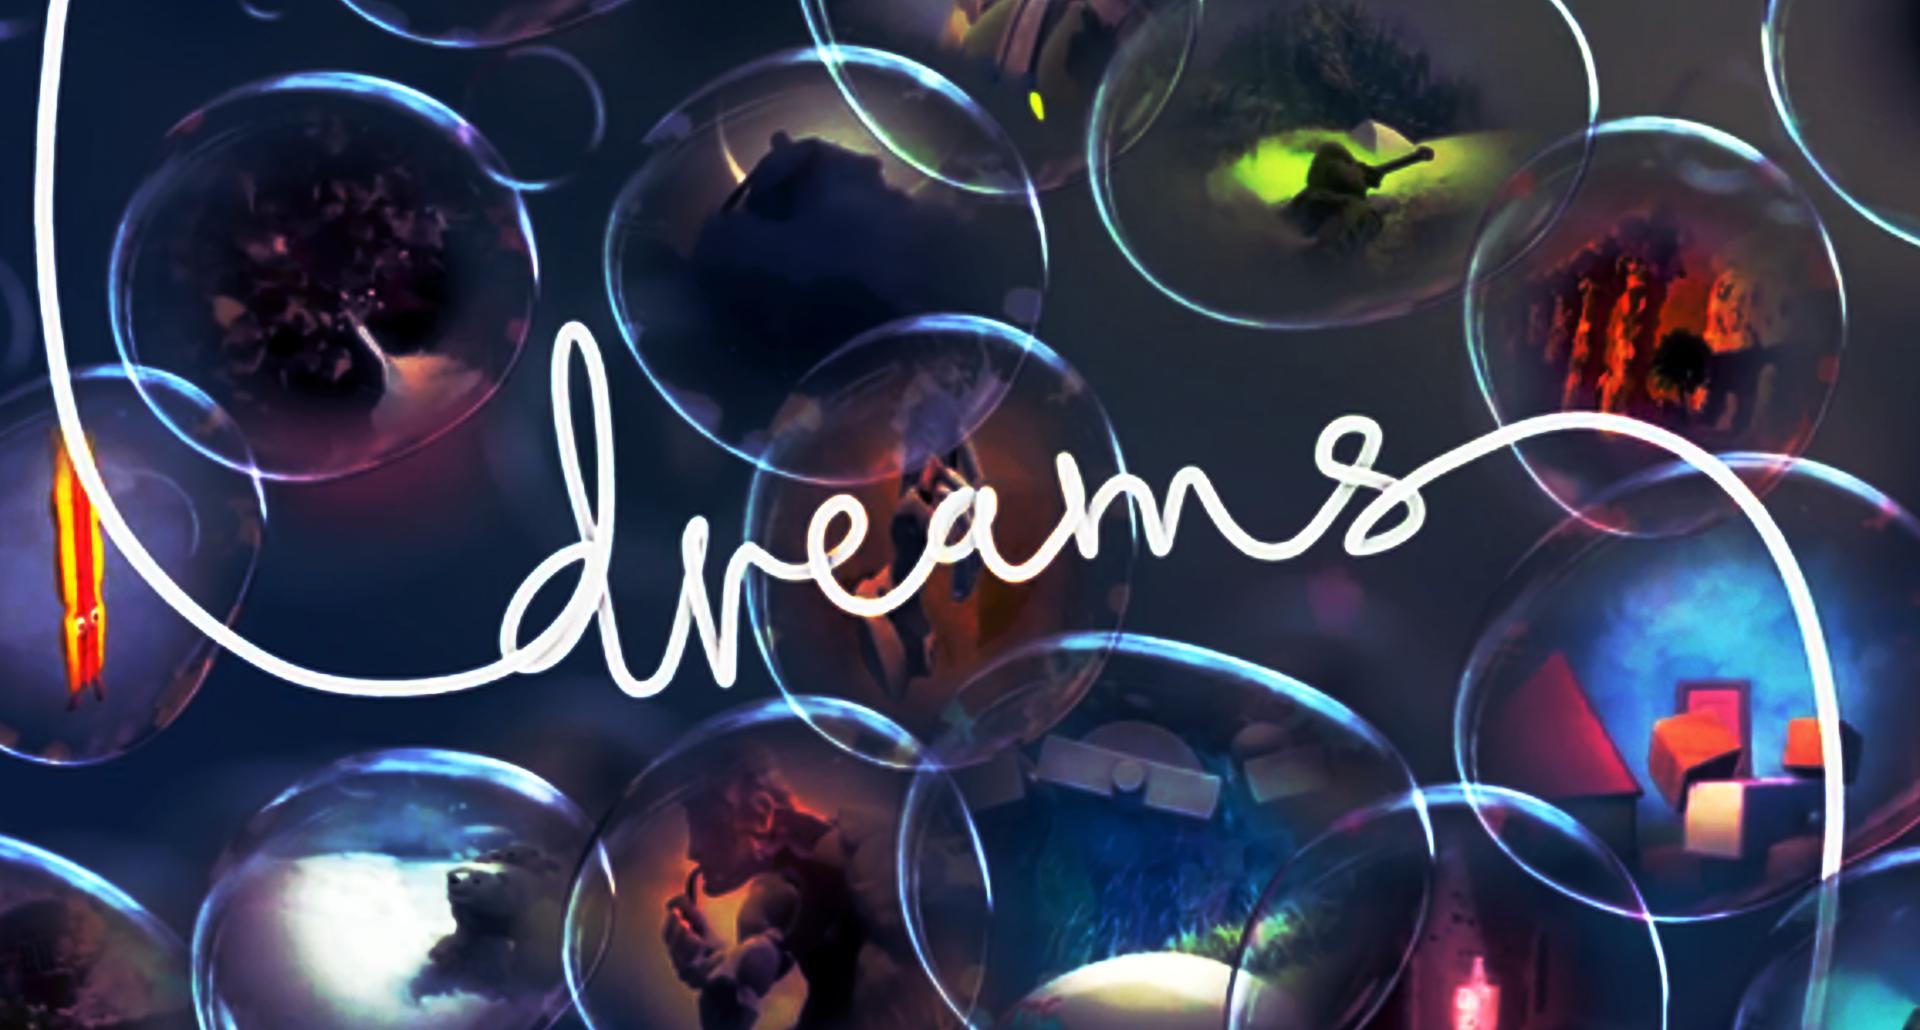 Actualização VR para Dreams chega amanhã